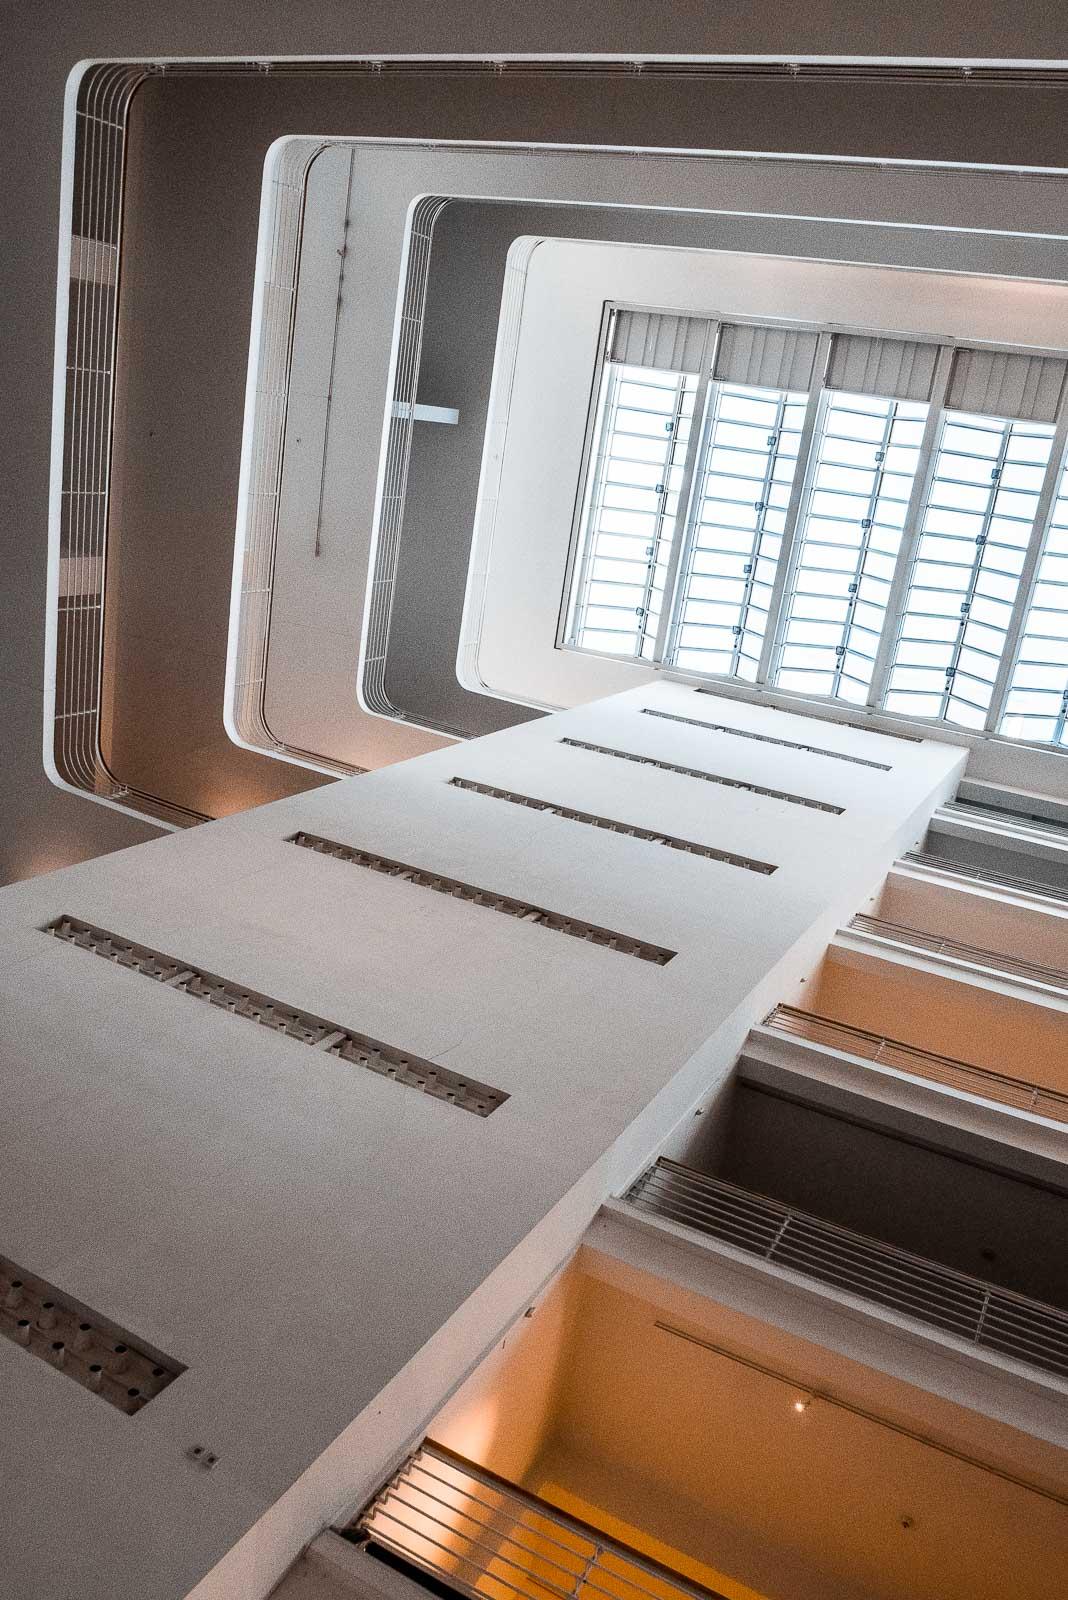 Découvrir un chef-d'oeuvre d'architecture à Prague